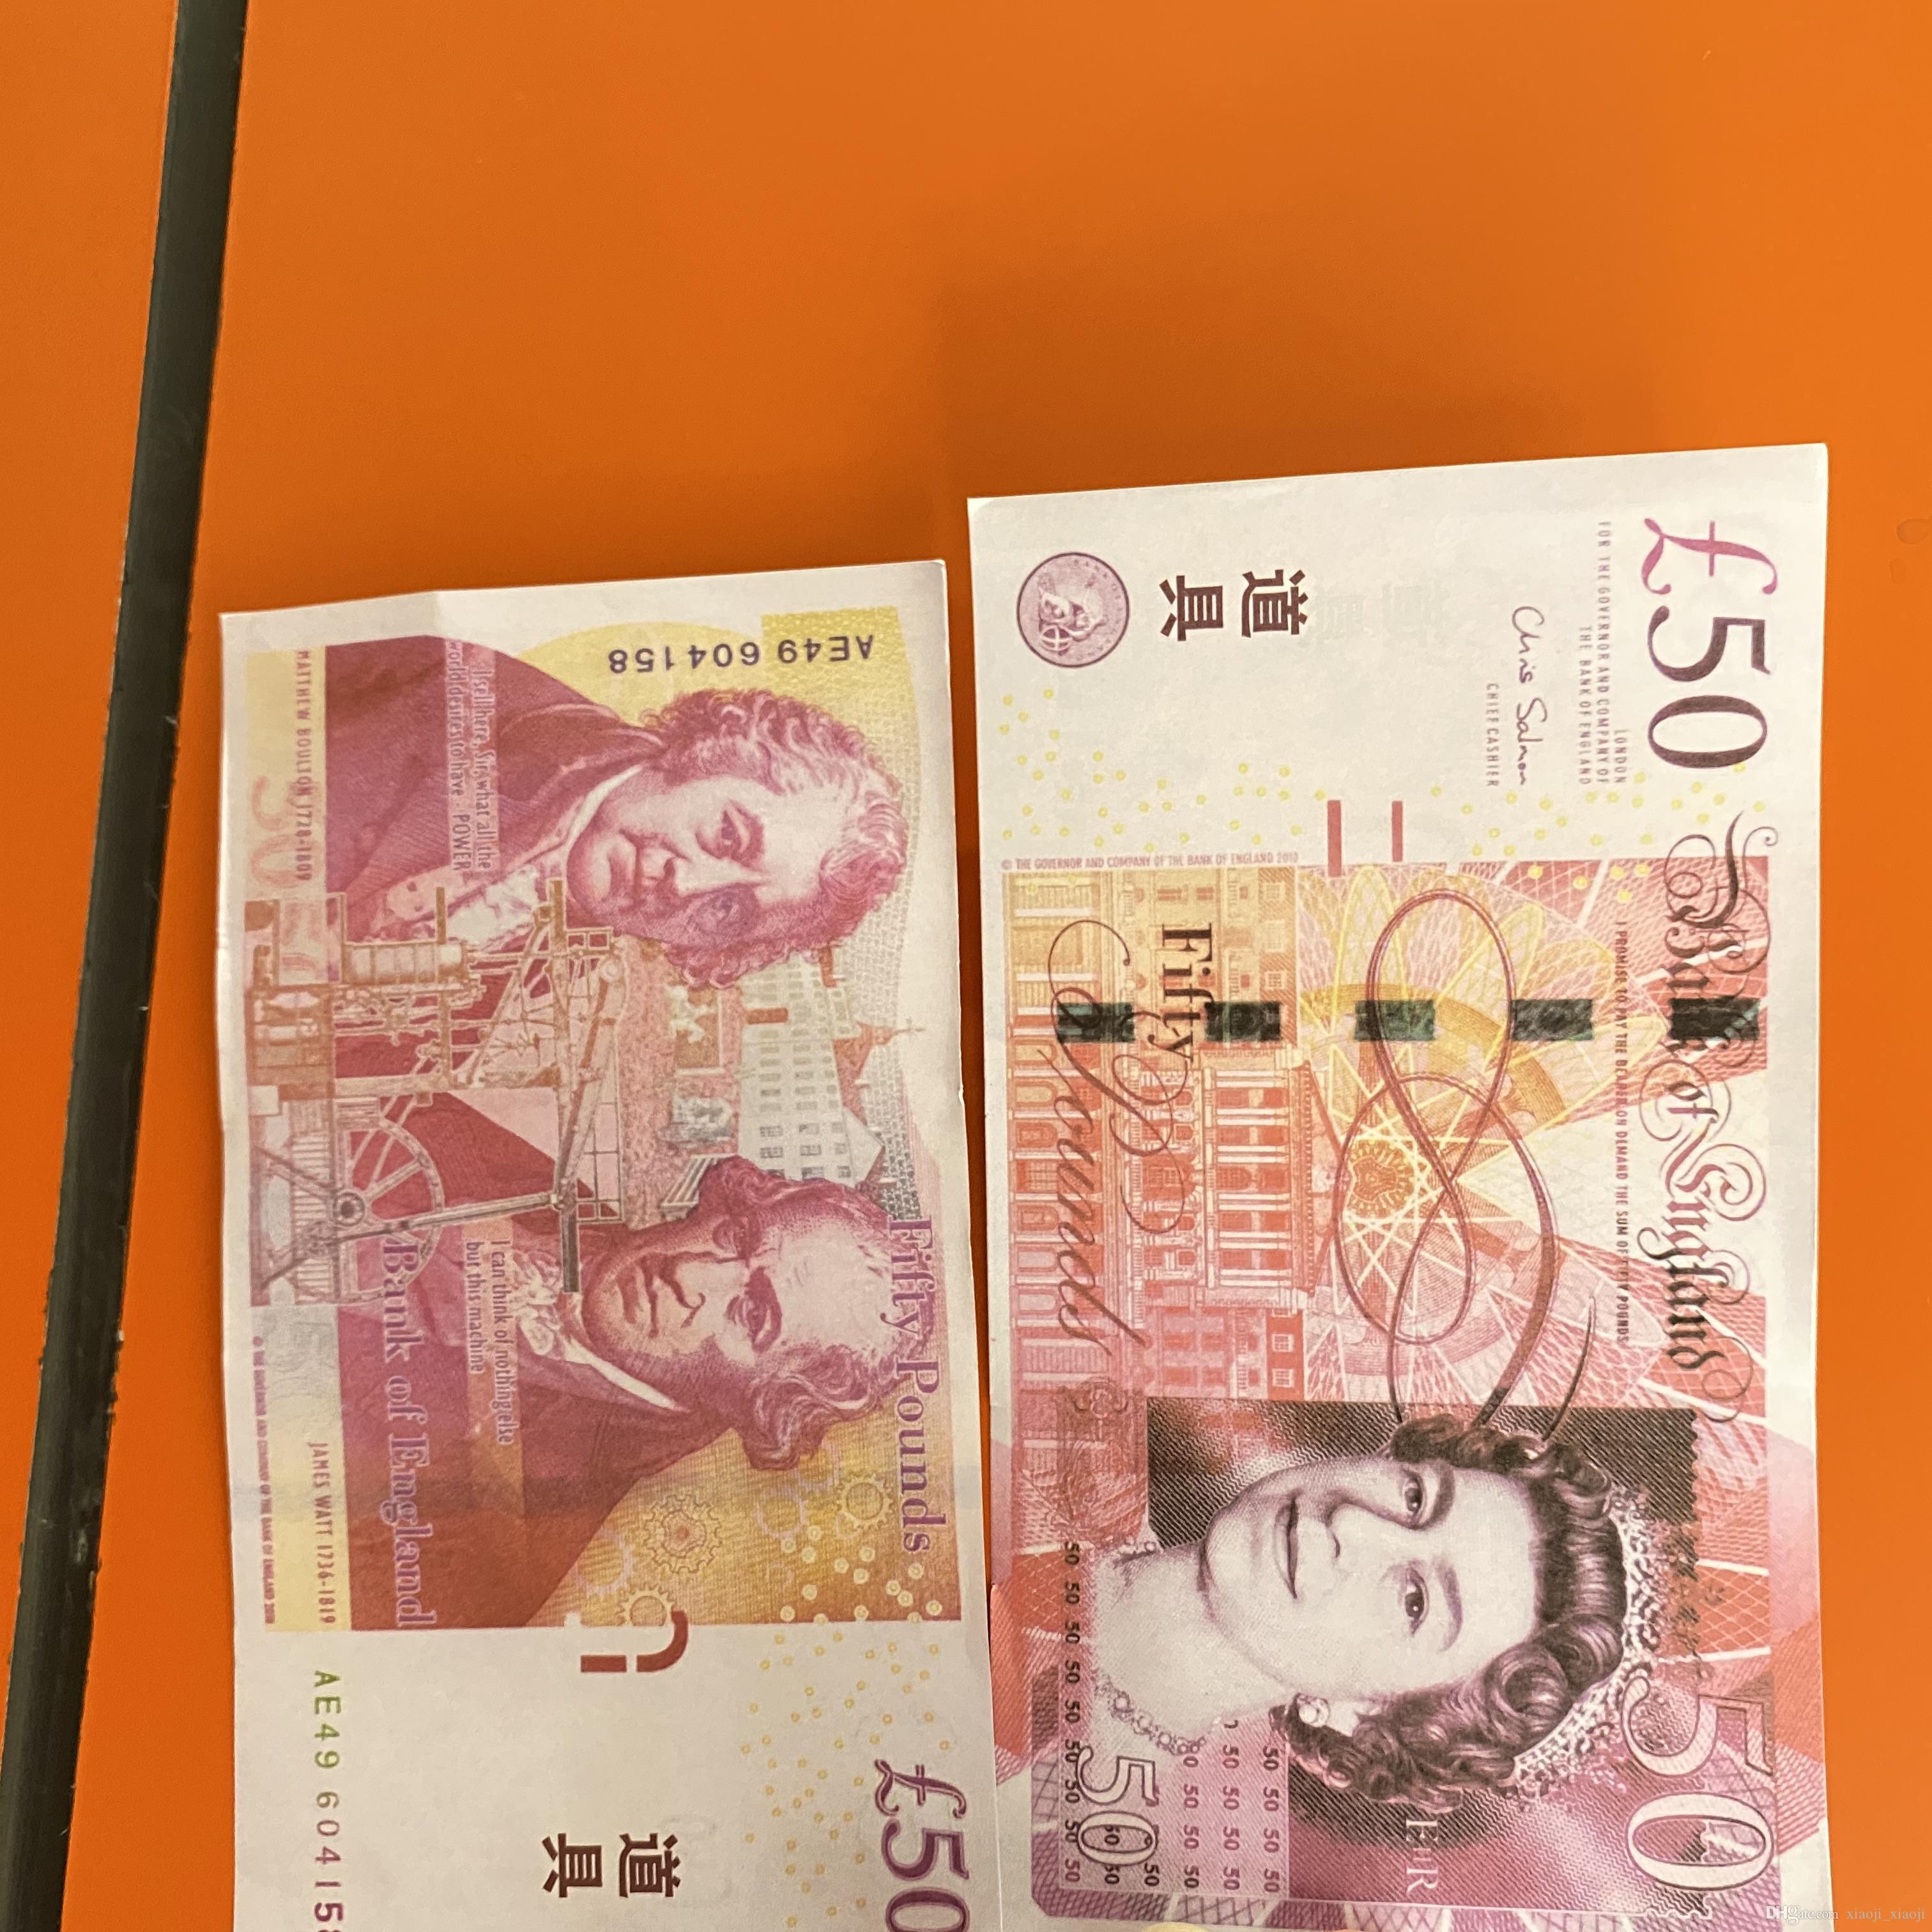 Faux 20 Play Pound Money Game Película Billet Colección Dinero y Wholesale Copia Regalos Prop 08 Hxfls